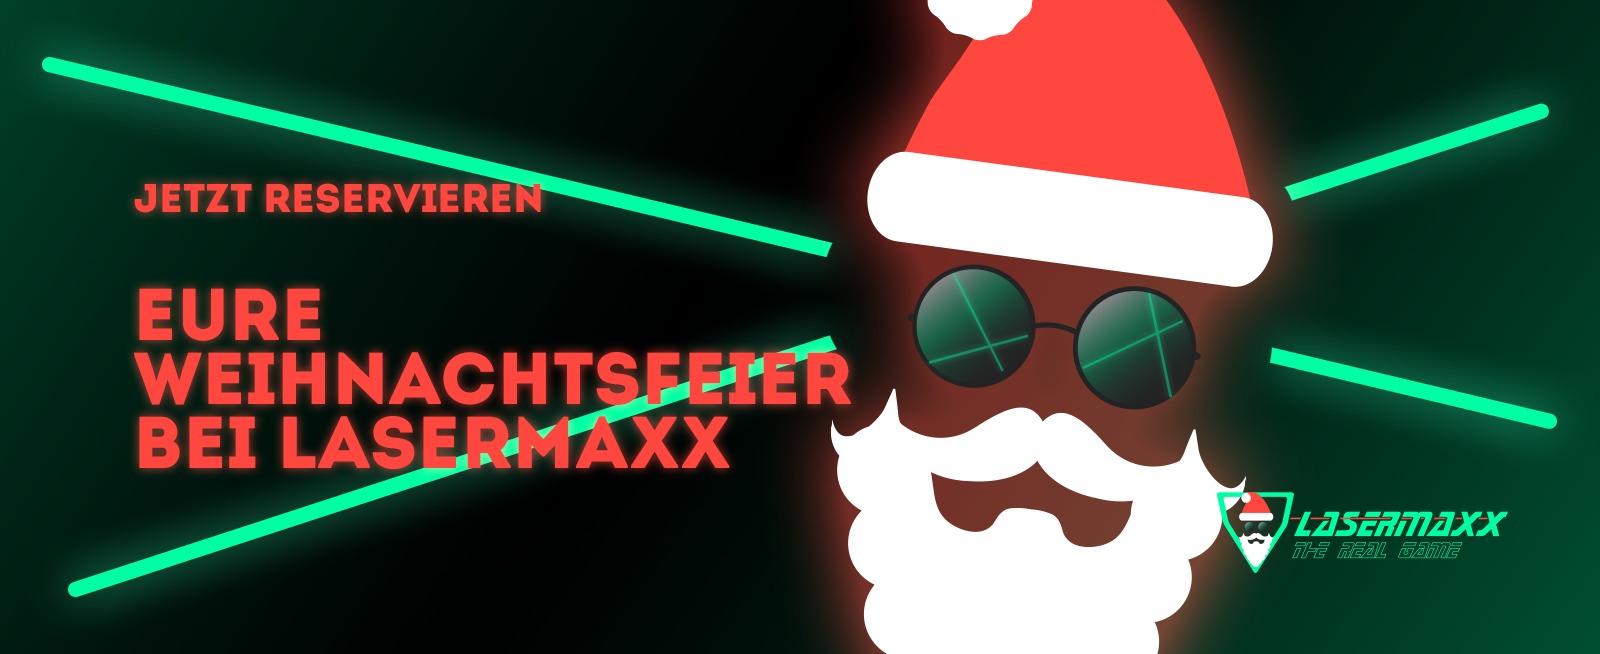 Weihnachtsfeier in Lüdenscheid - jetzt Termin sichern